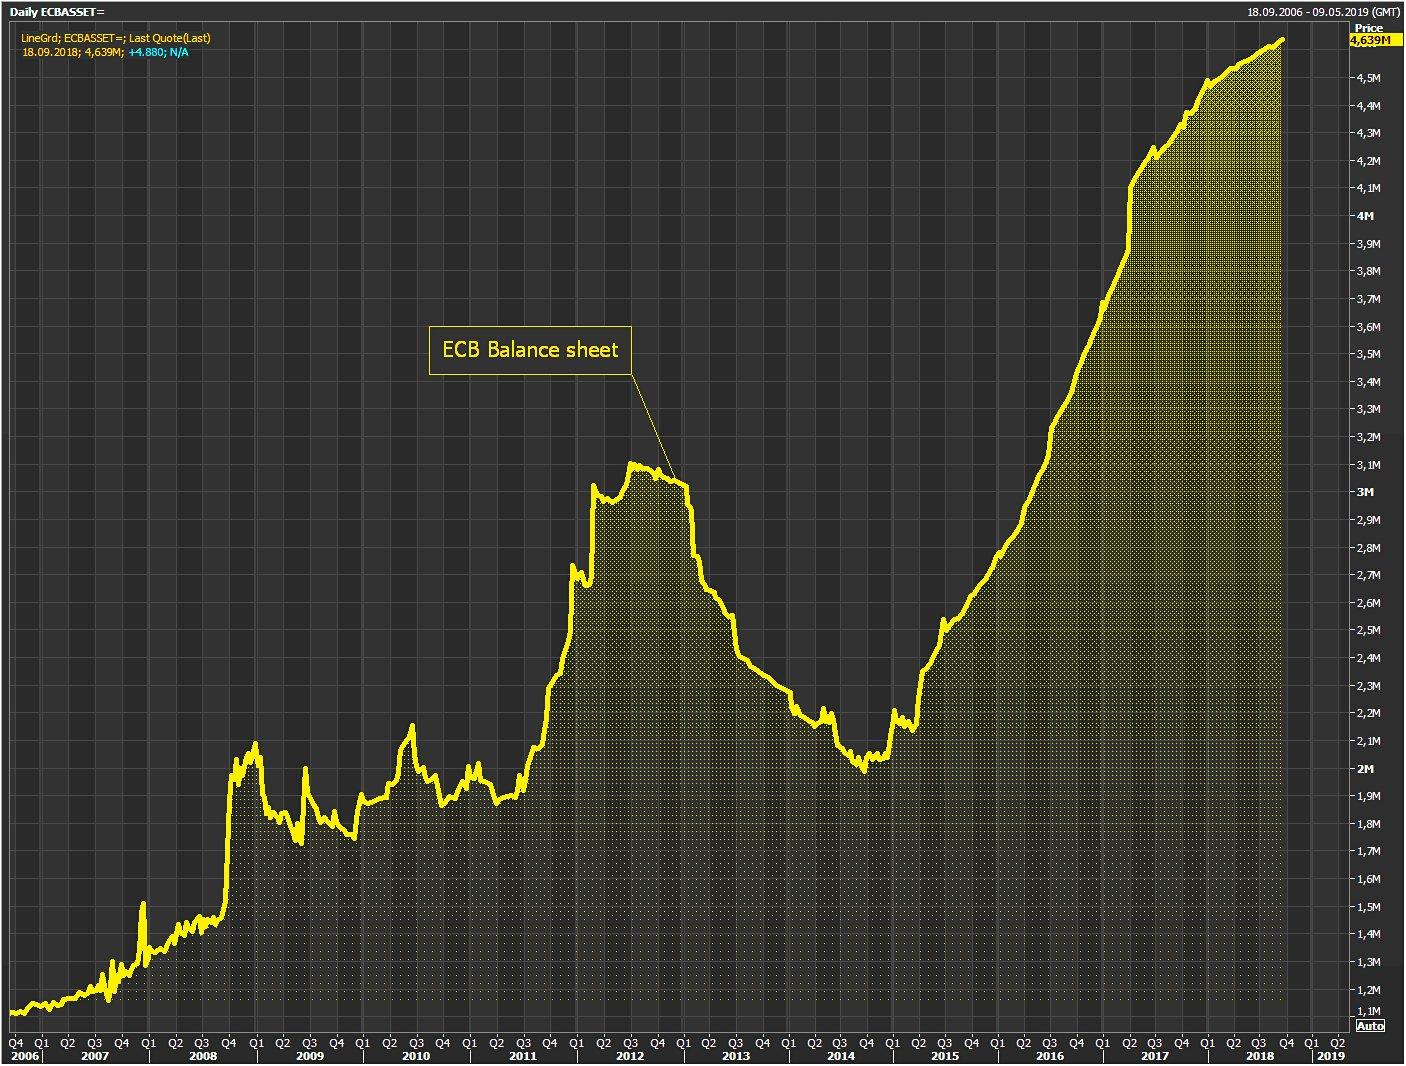 Ouch ! Le bilan himalayen de la BCE vient d'atteindre un nouveau sommet historique à près de 4639 milliards €